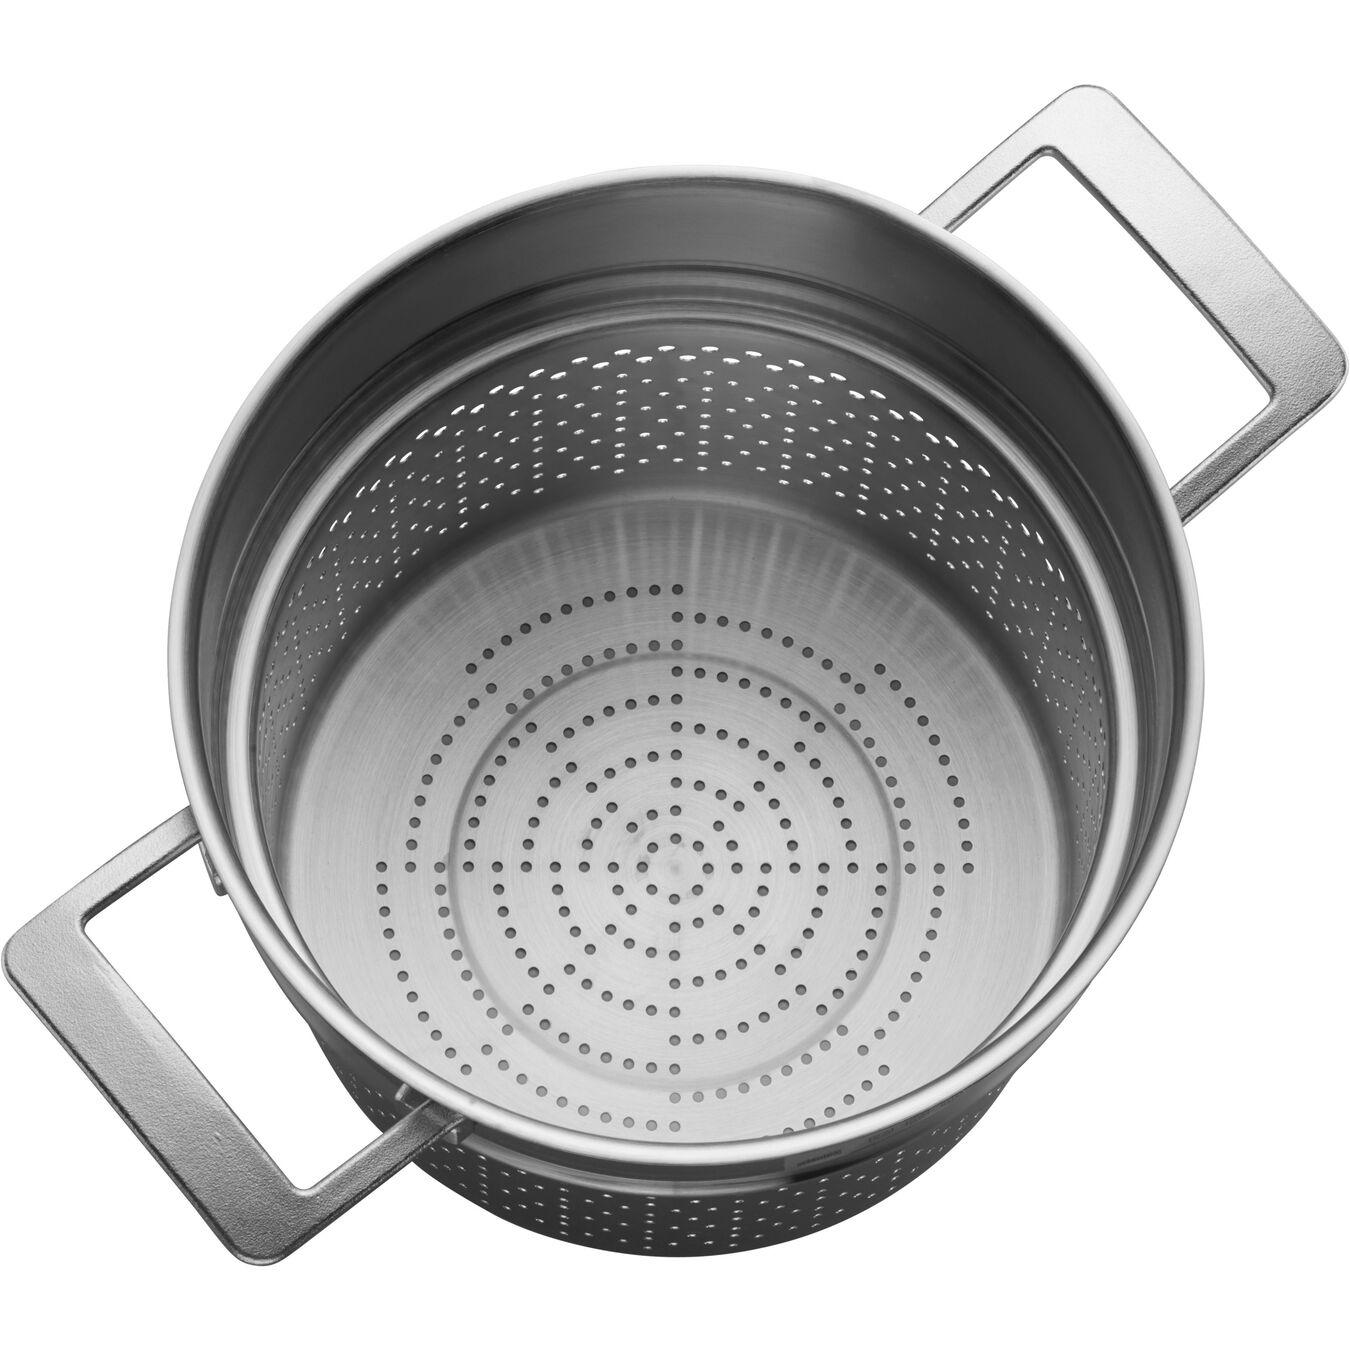 Nudeleinsatz, rund | 24 cm | Silber,,large 2